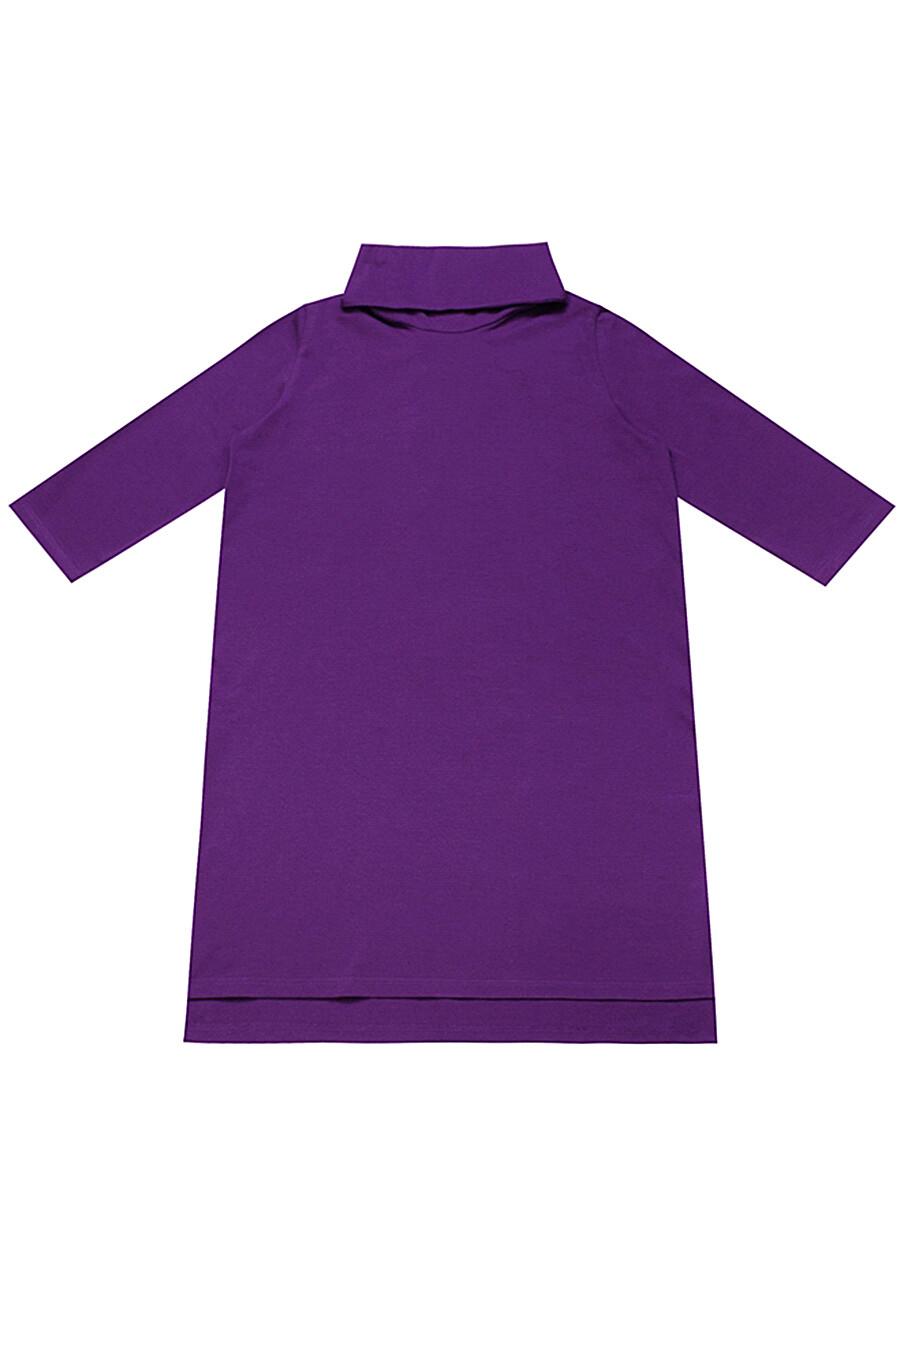 Джемпер для женщин Archi 131506 купить оптом от производителя. Совместная покупка женской одежды в OptMoyo